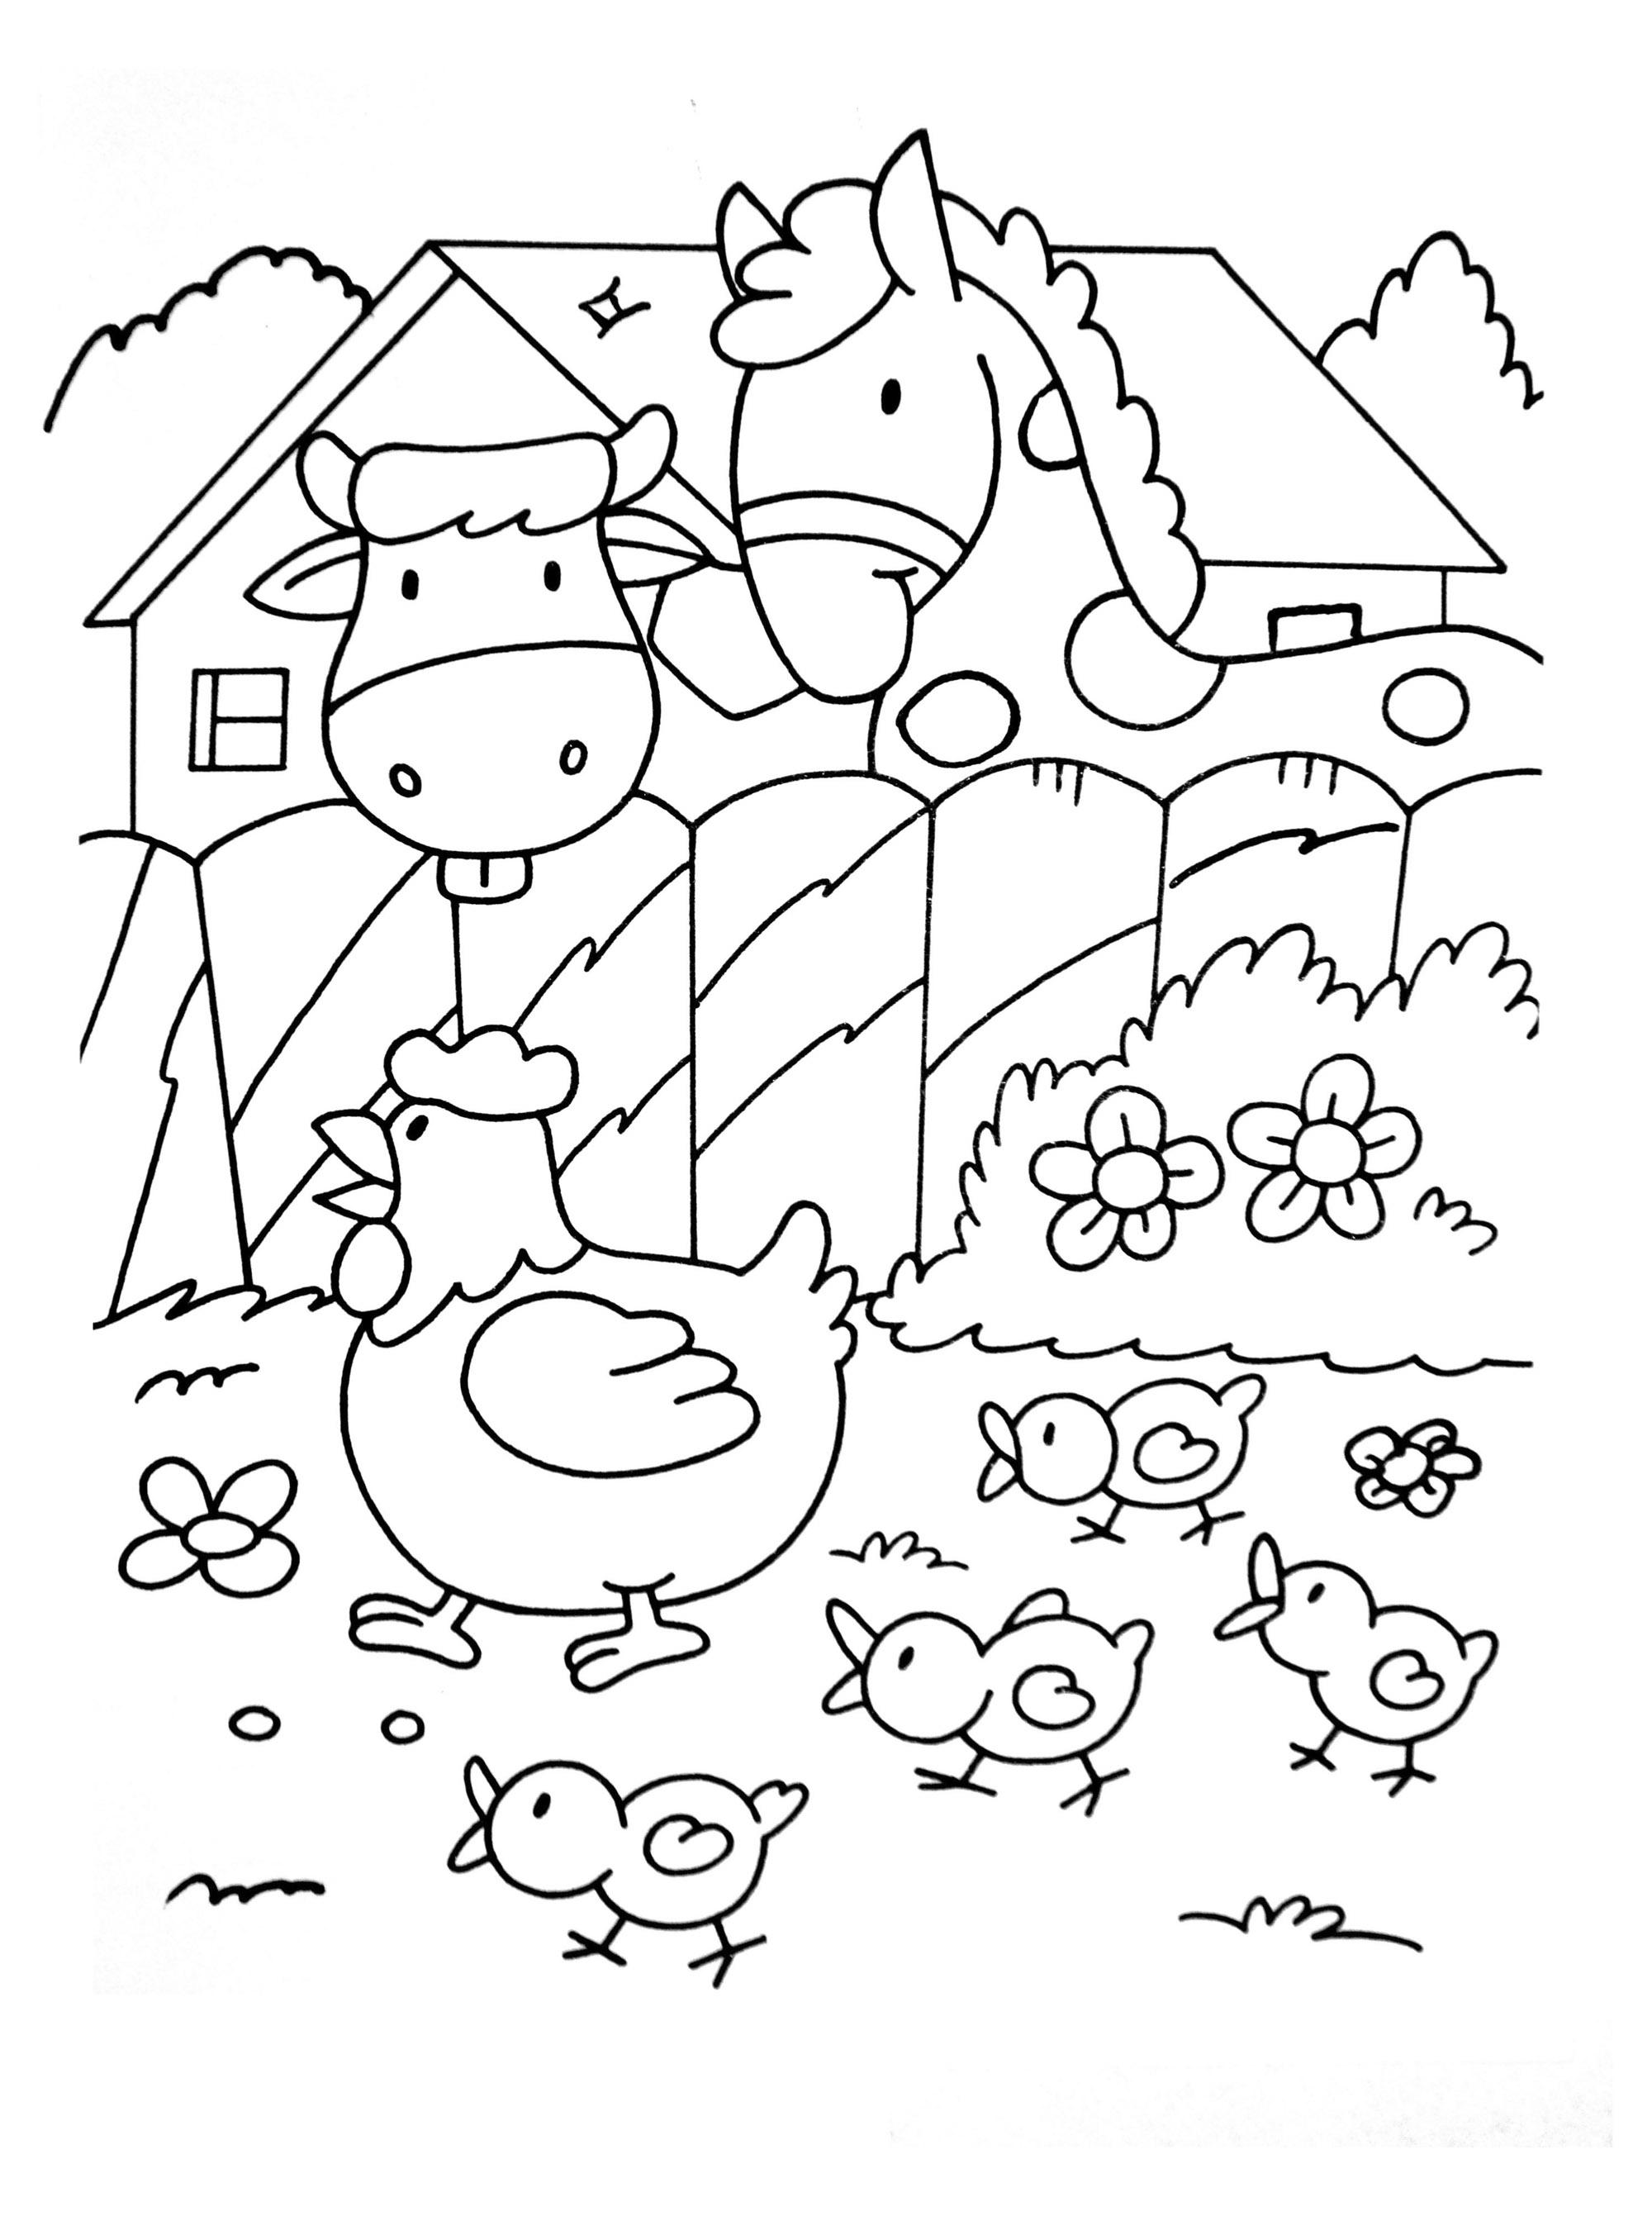 A imprimer chats 14 coloriage sur la ferme tracteurs fermier animaux coloriages pour - Dessin de ferme ...